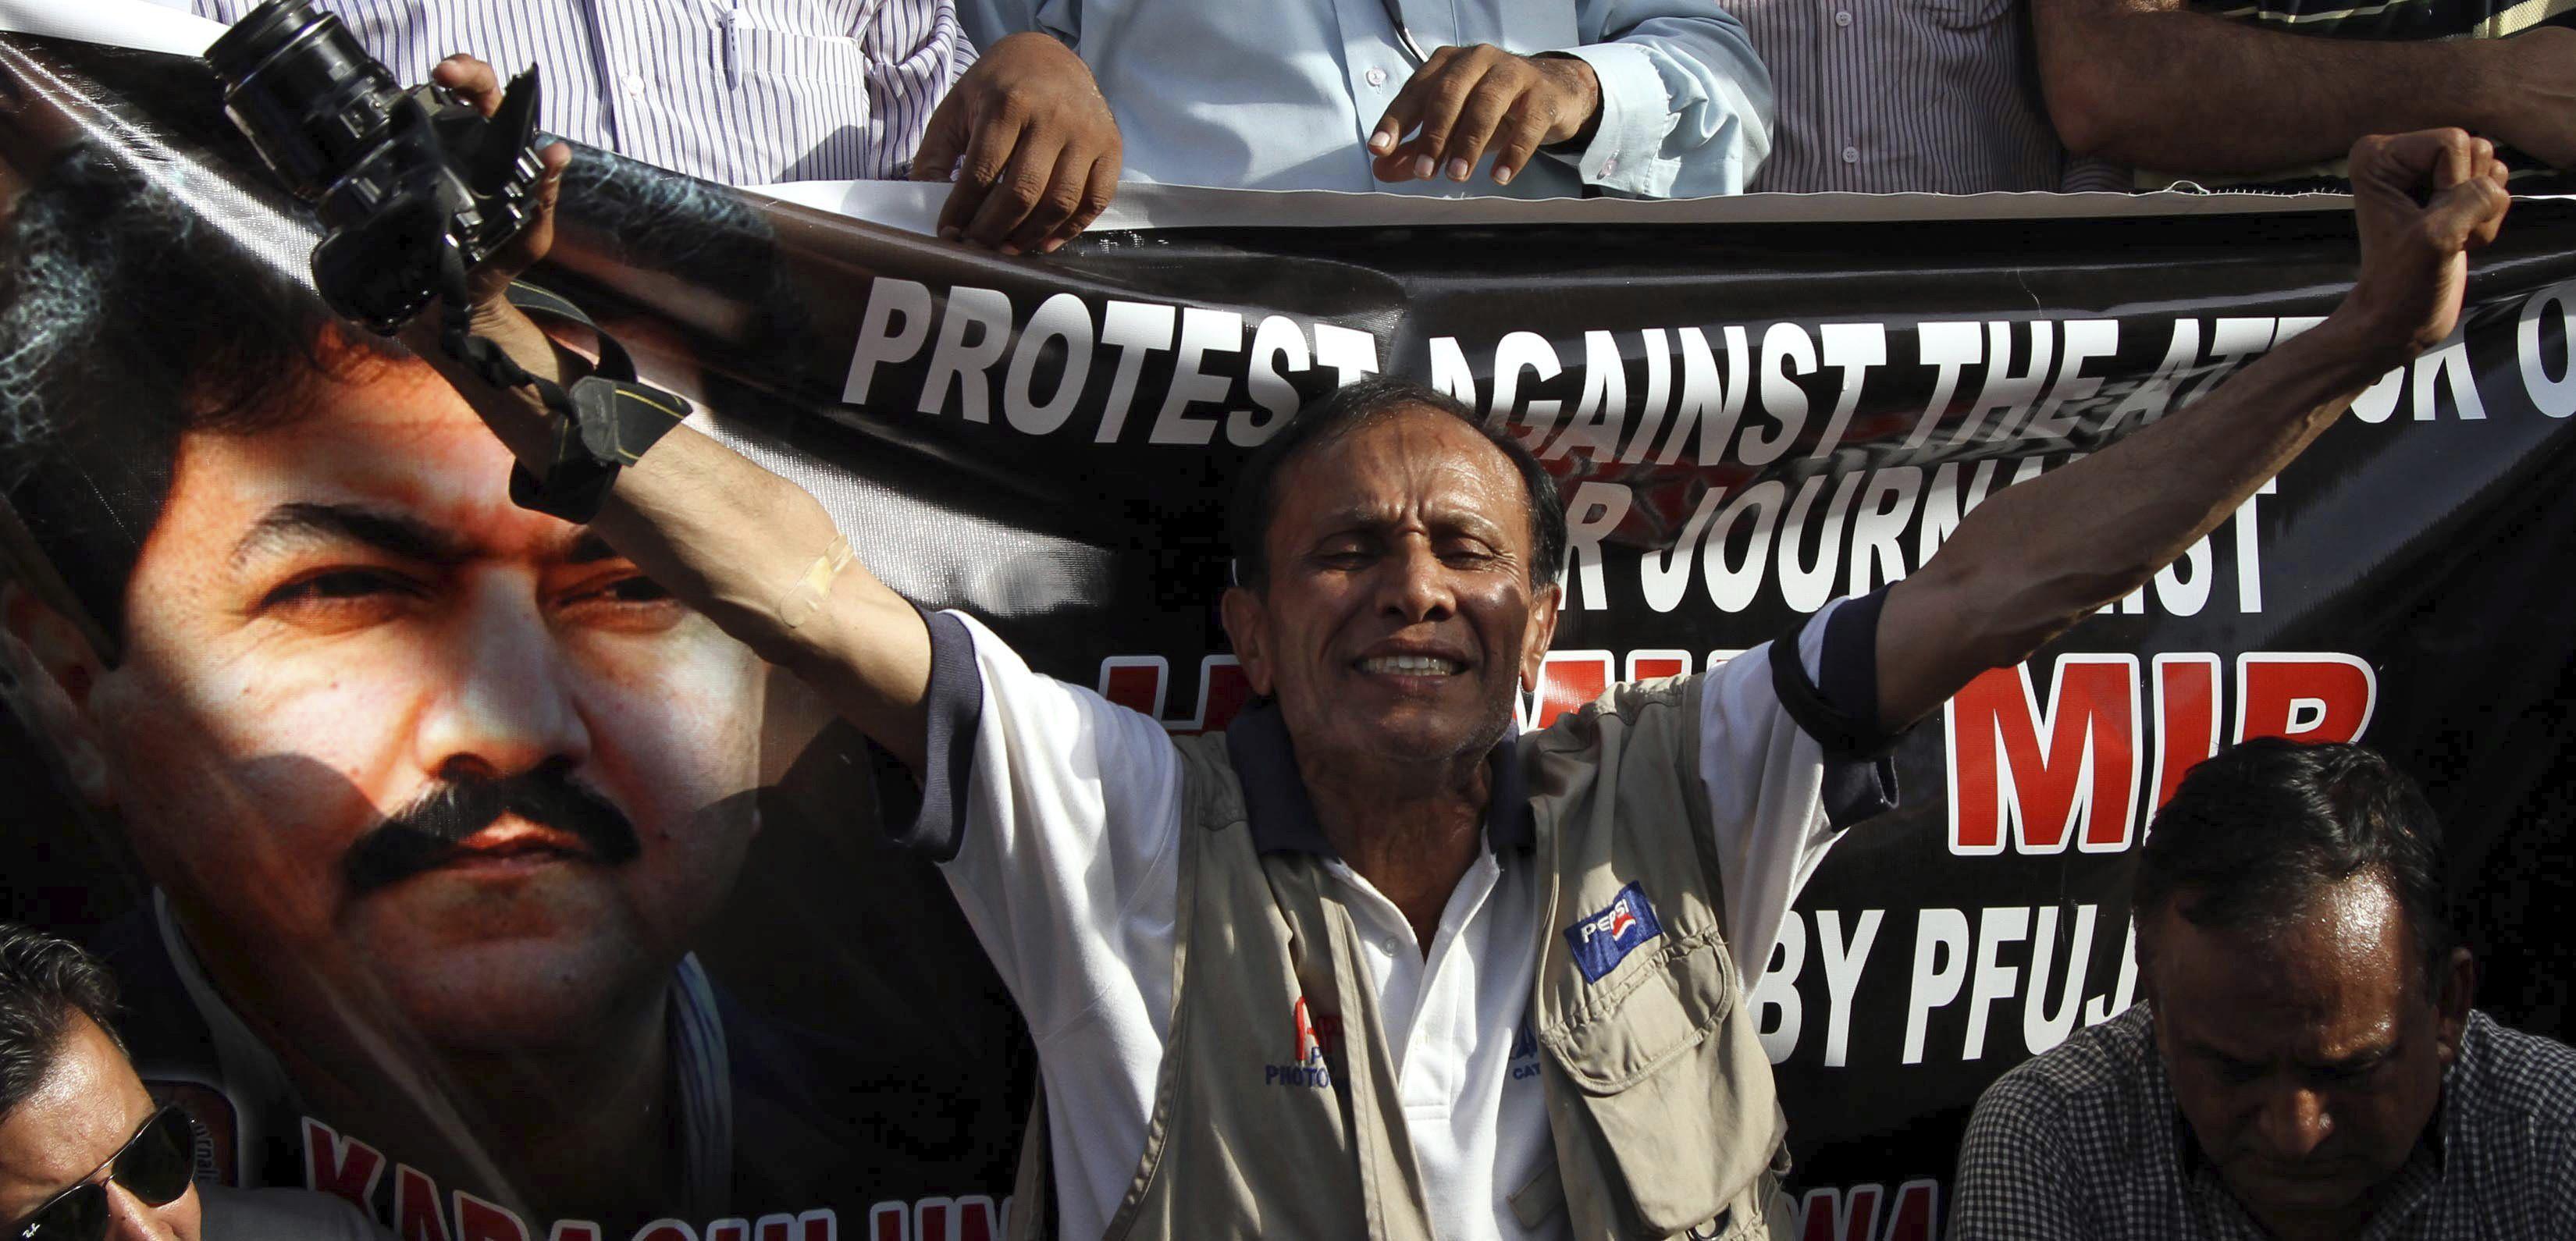 Liberados dos miembros paquistaníes de UNICEF secuestrados en Karachi